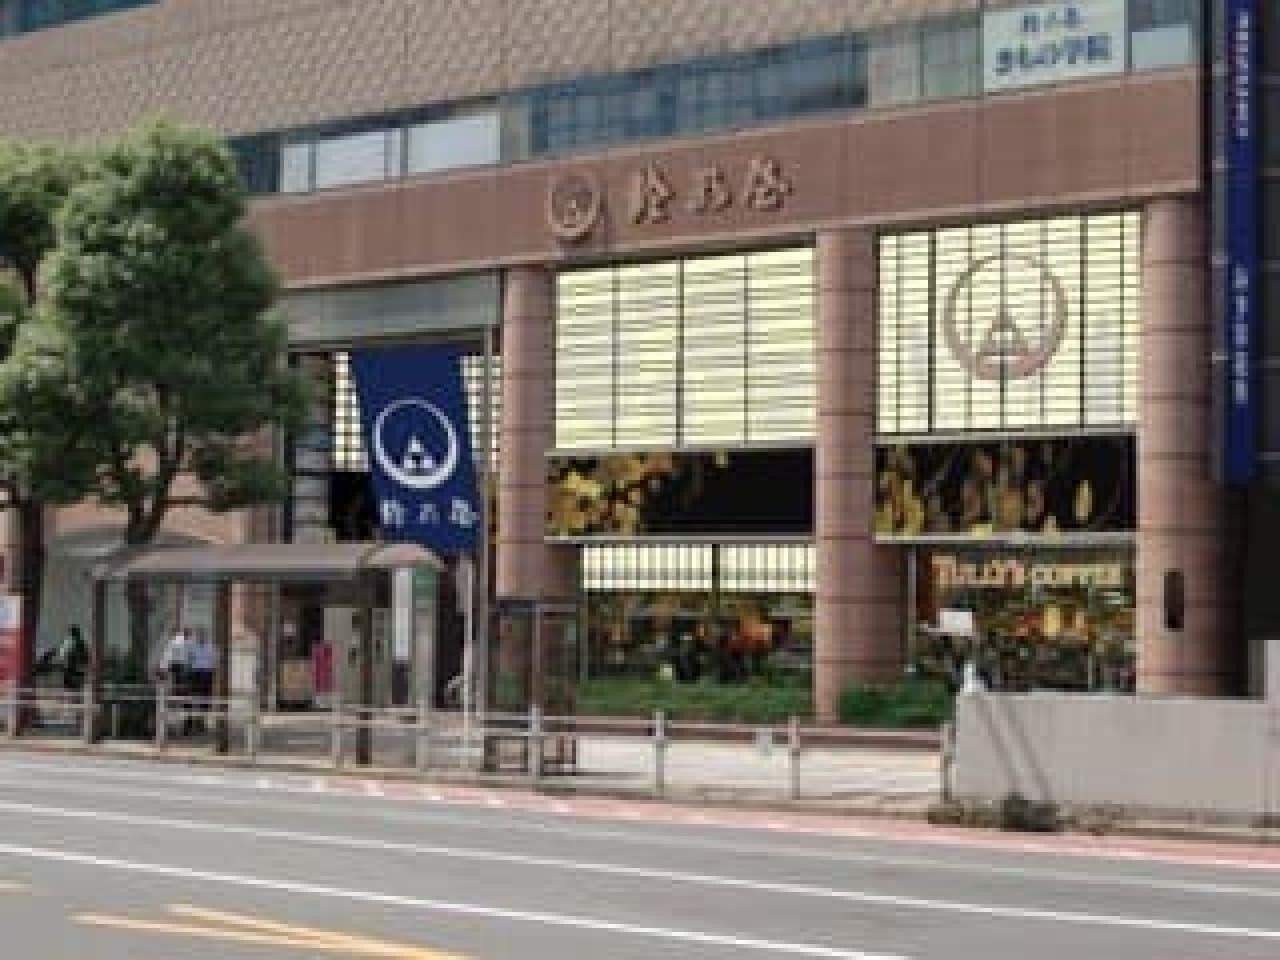 鈴乃屋に、初のタリーズ併設店が登場